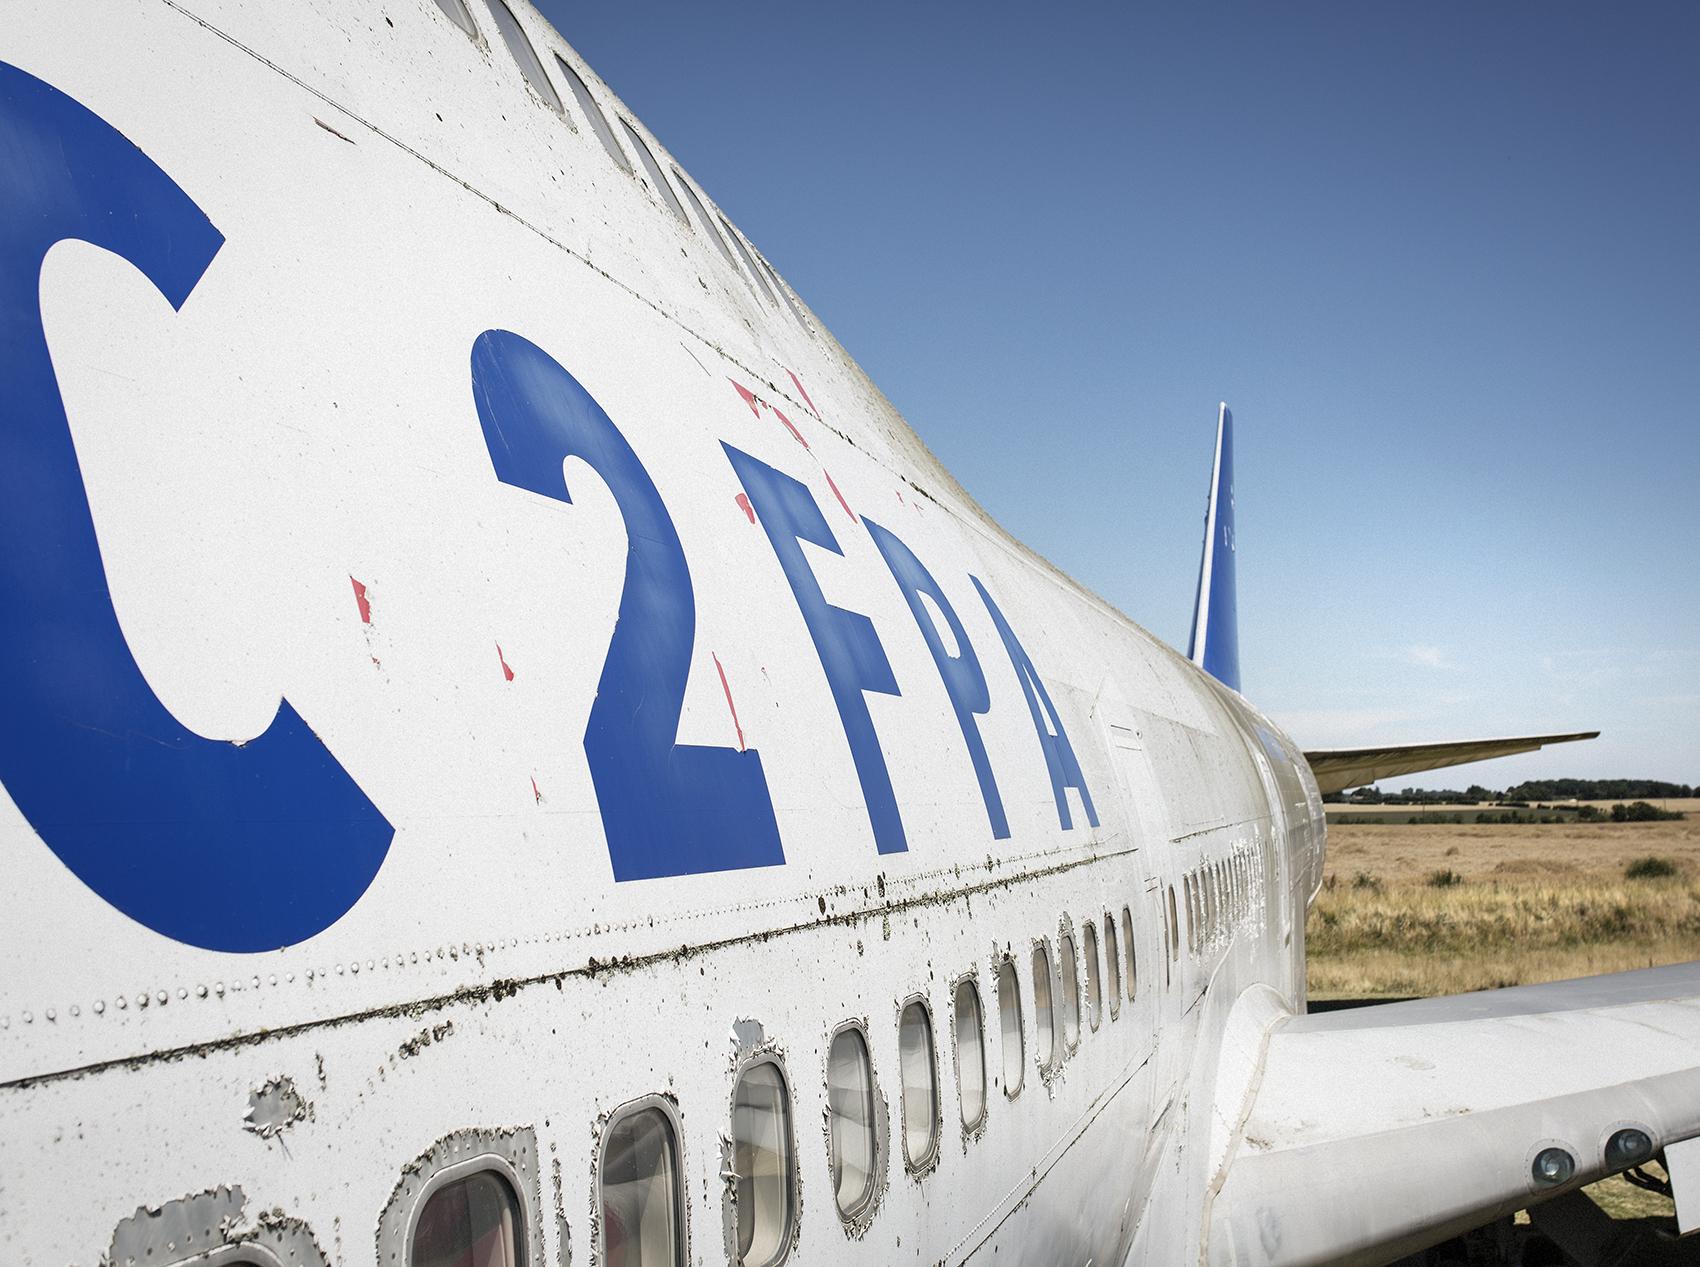 Fireplane_E2A6115.jpg